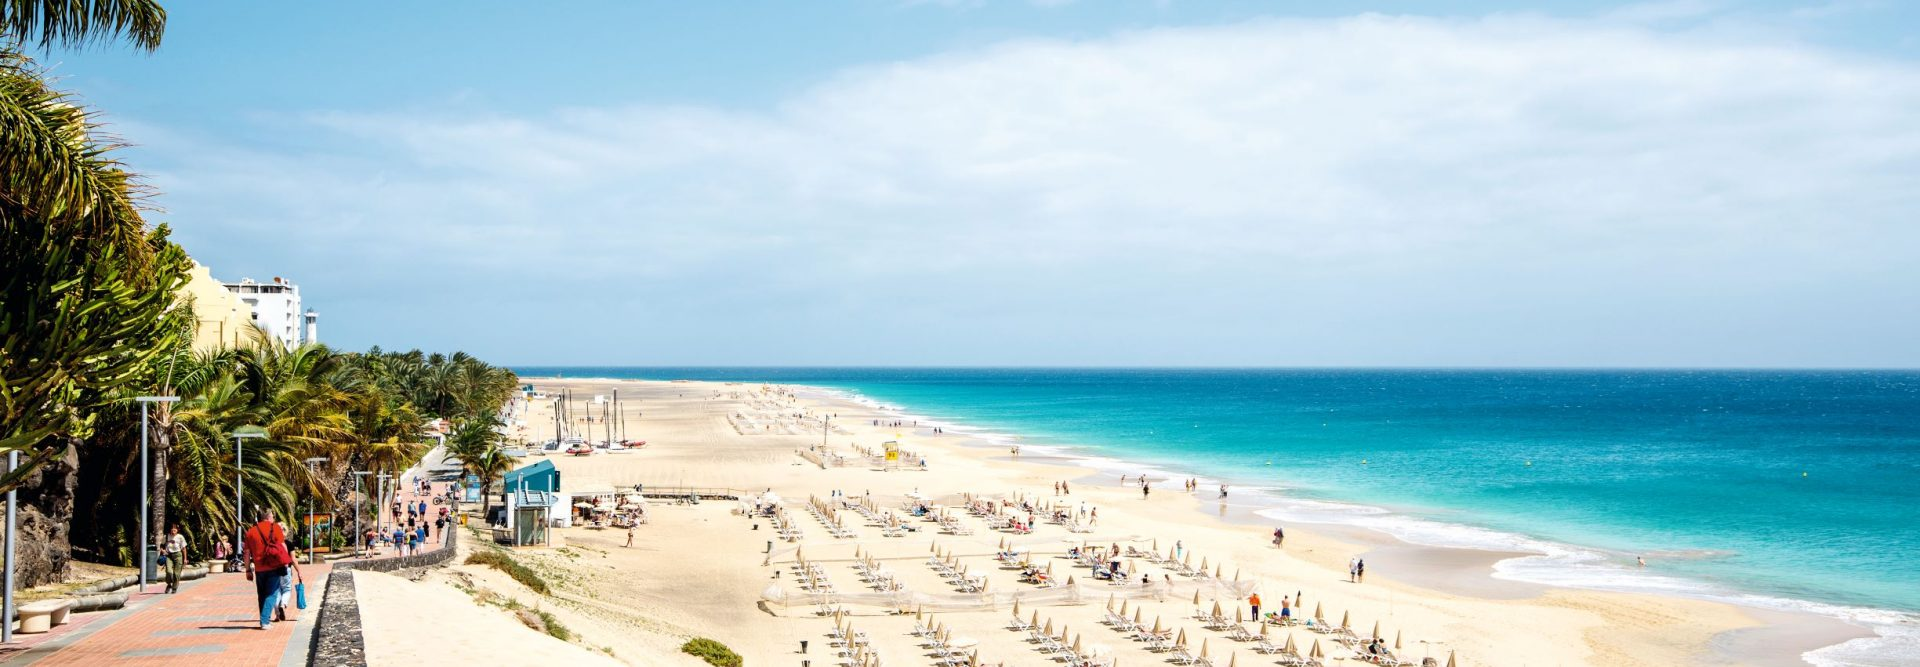 Blick auf den Strand und das Meer vom Jandia Playa in Fuerteventura, Spanien